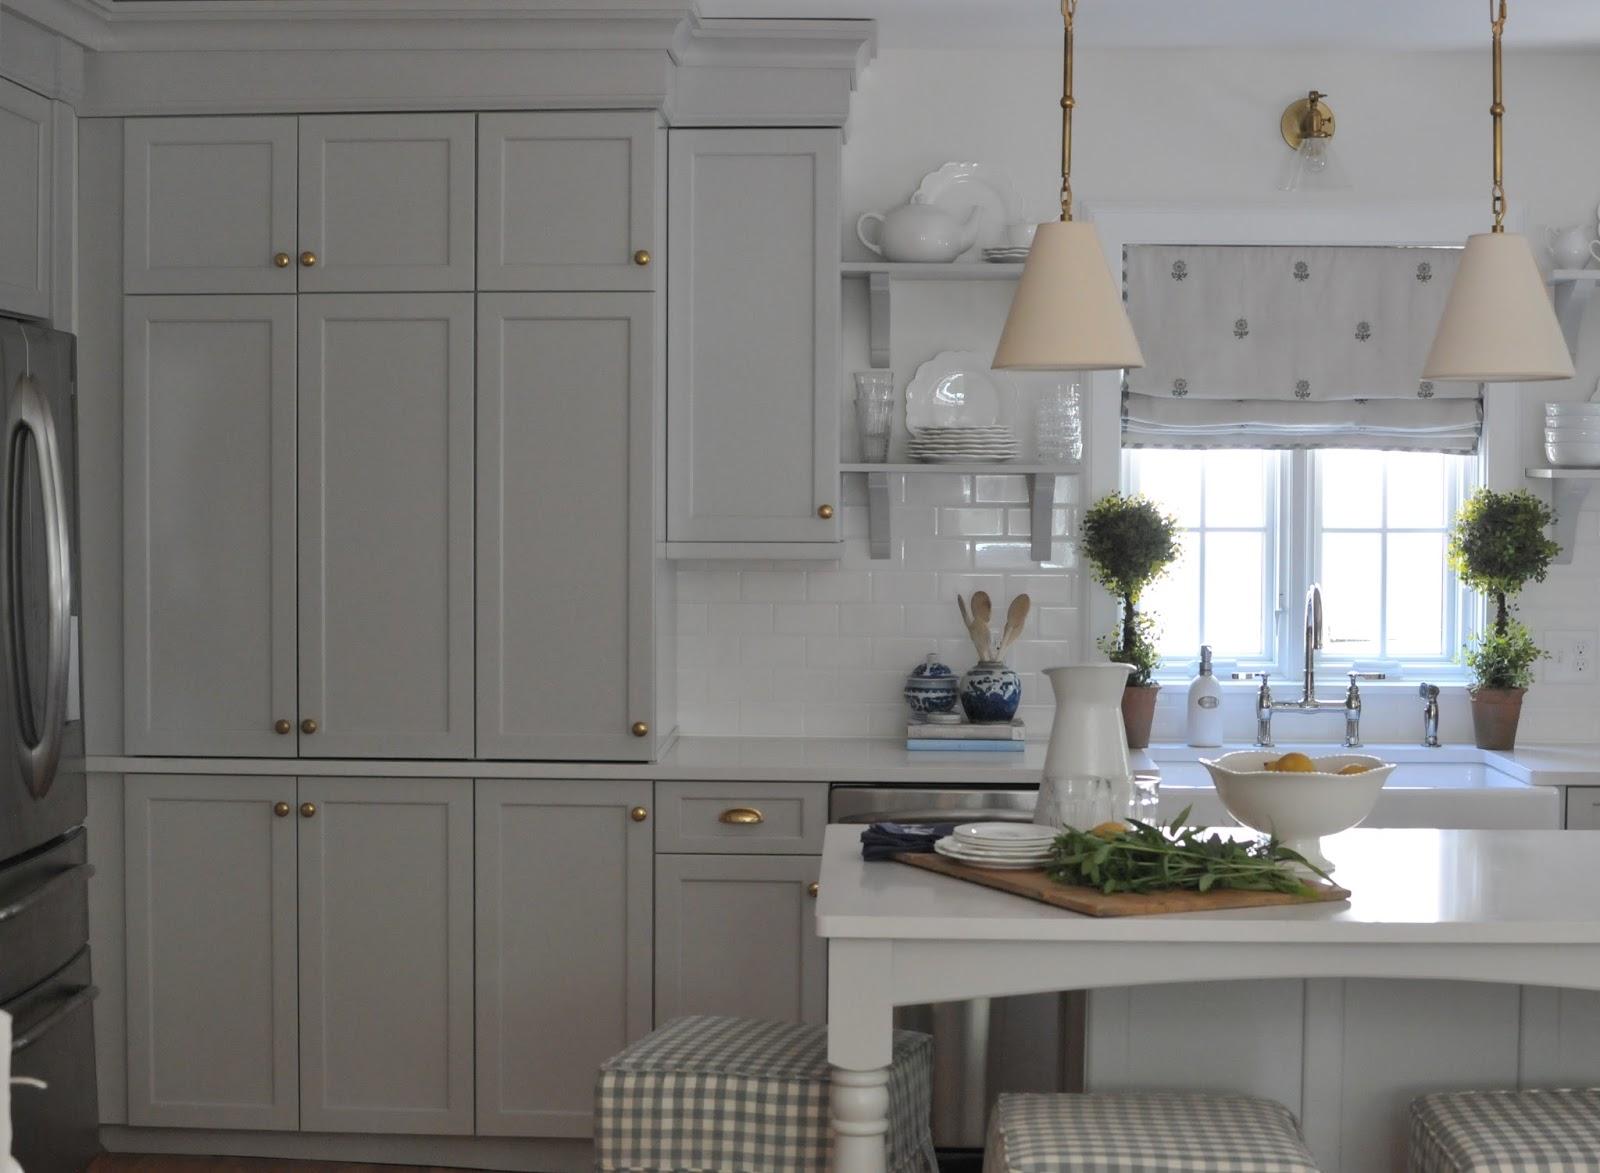 Nine Sixteen My Work A Charming Cottage Kitchen